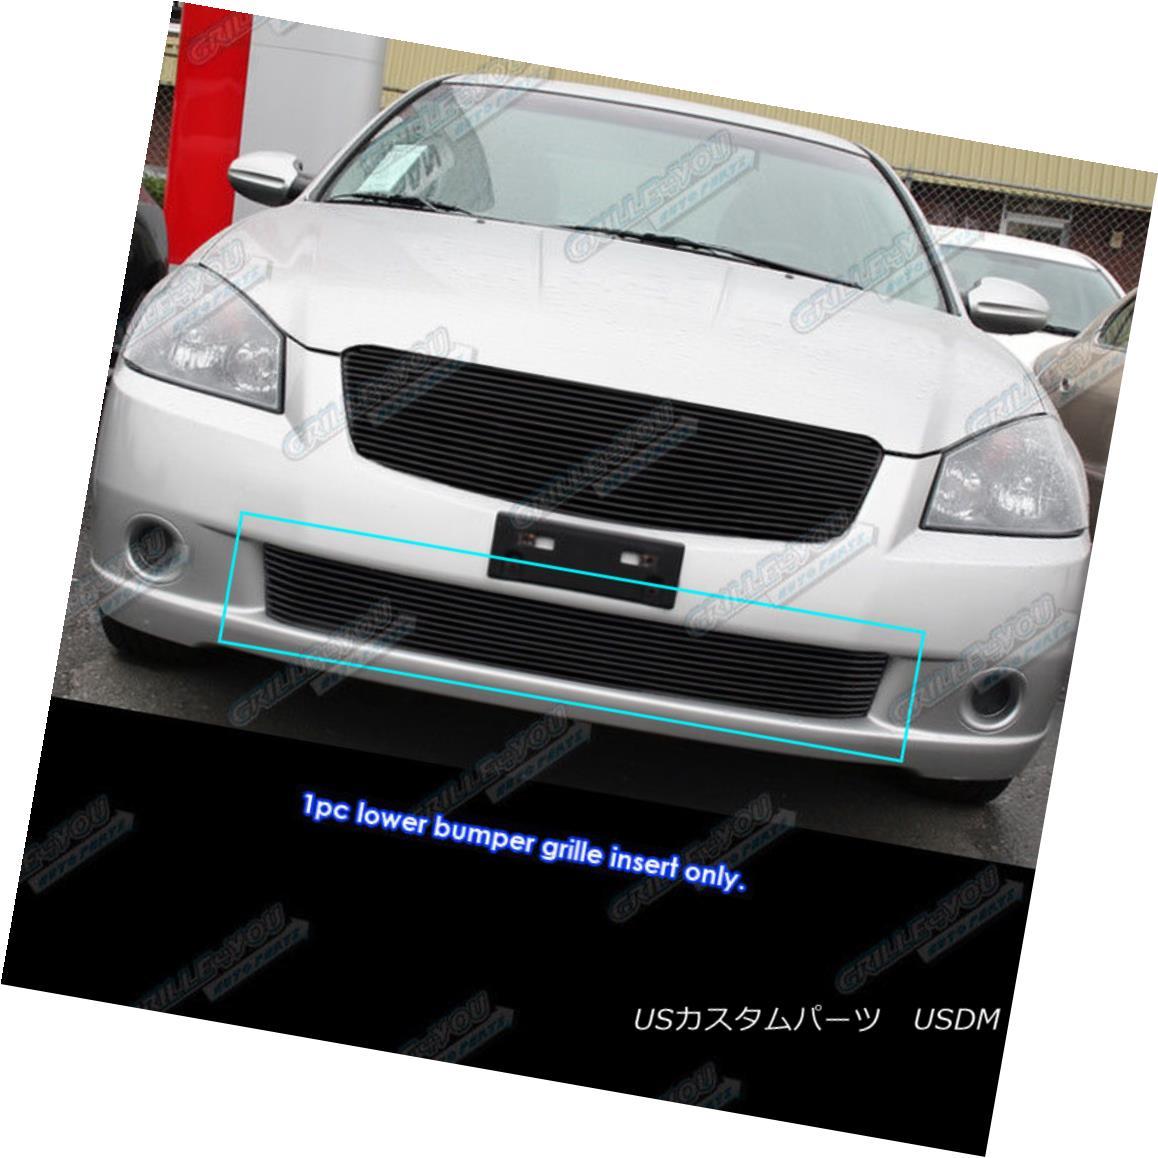 グリル Fits 05-06 Nissan Altima Lower Bumper Black Billet Grille Insert フィット05-06日産アルティマロワーバンパーブラックビレットグリルインサート